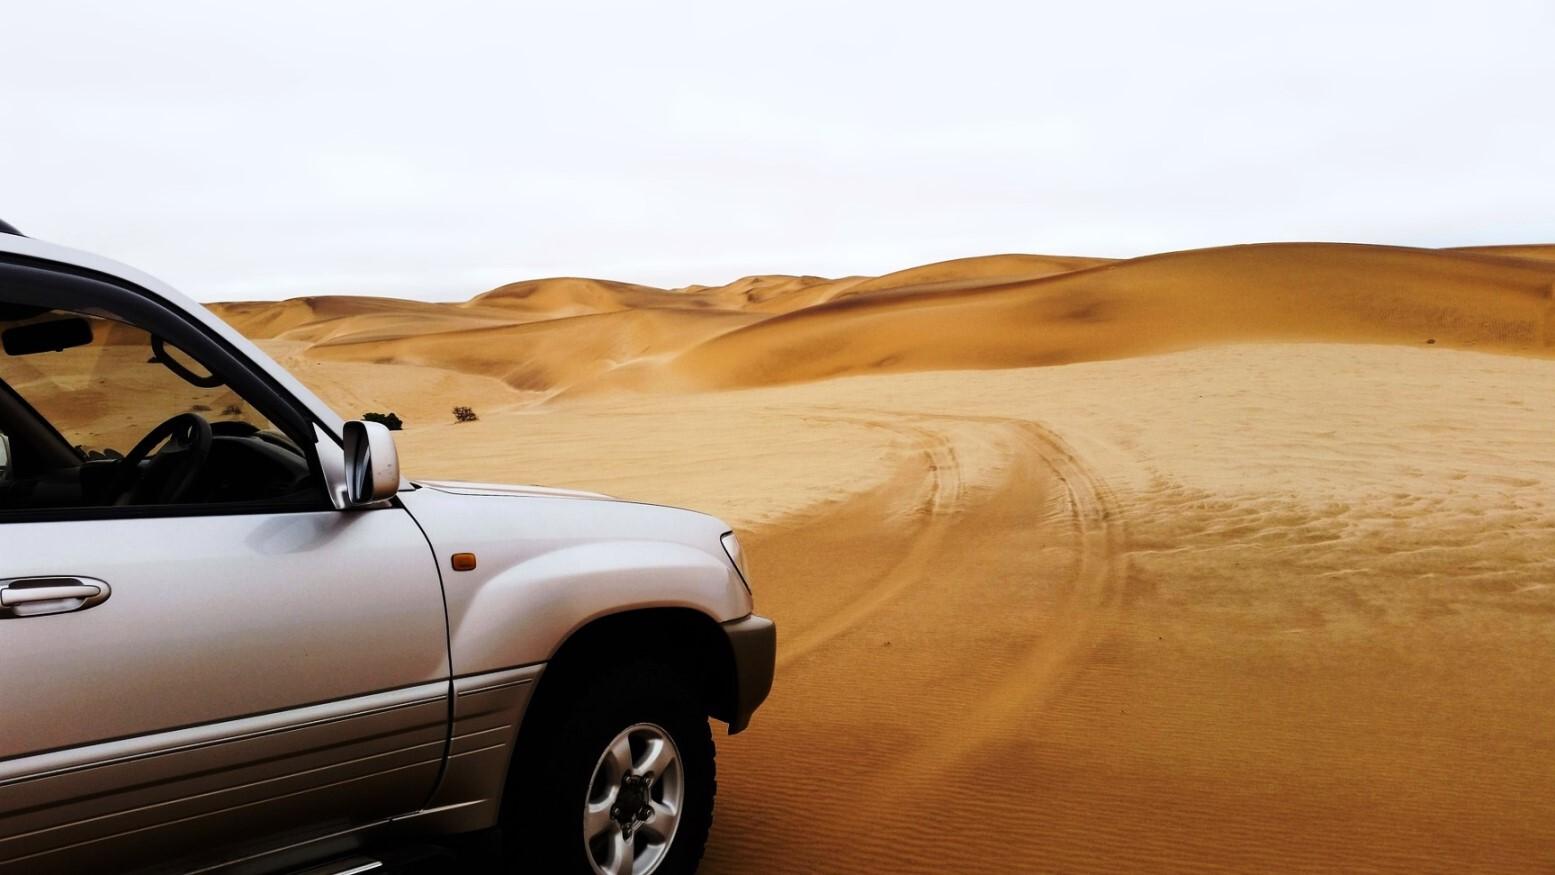 Wüstentour mit Allradauto